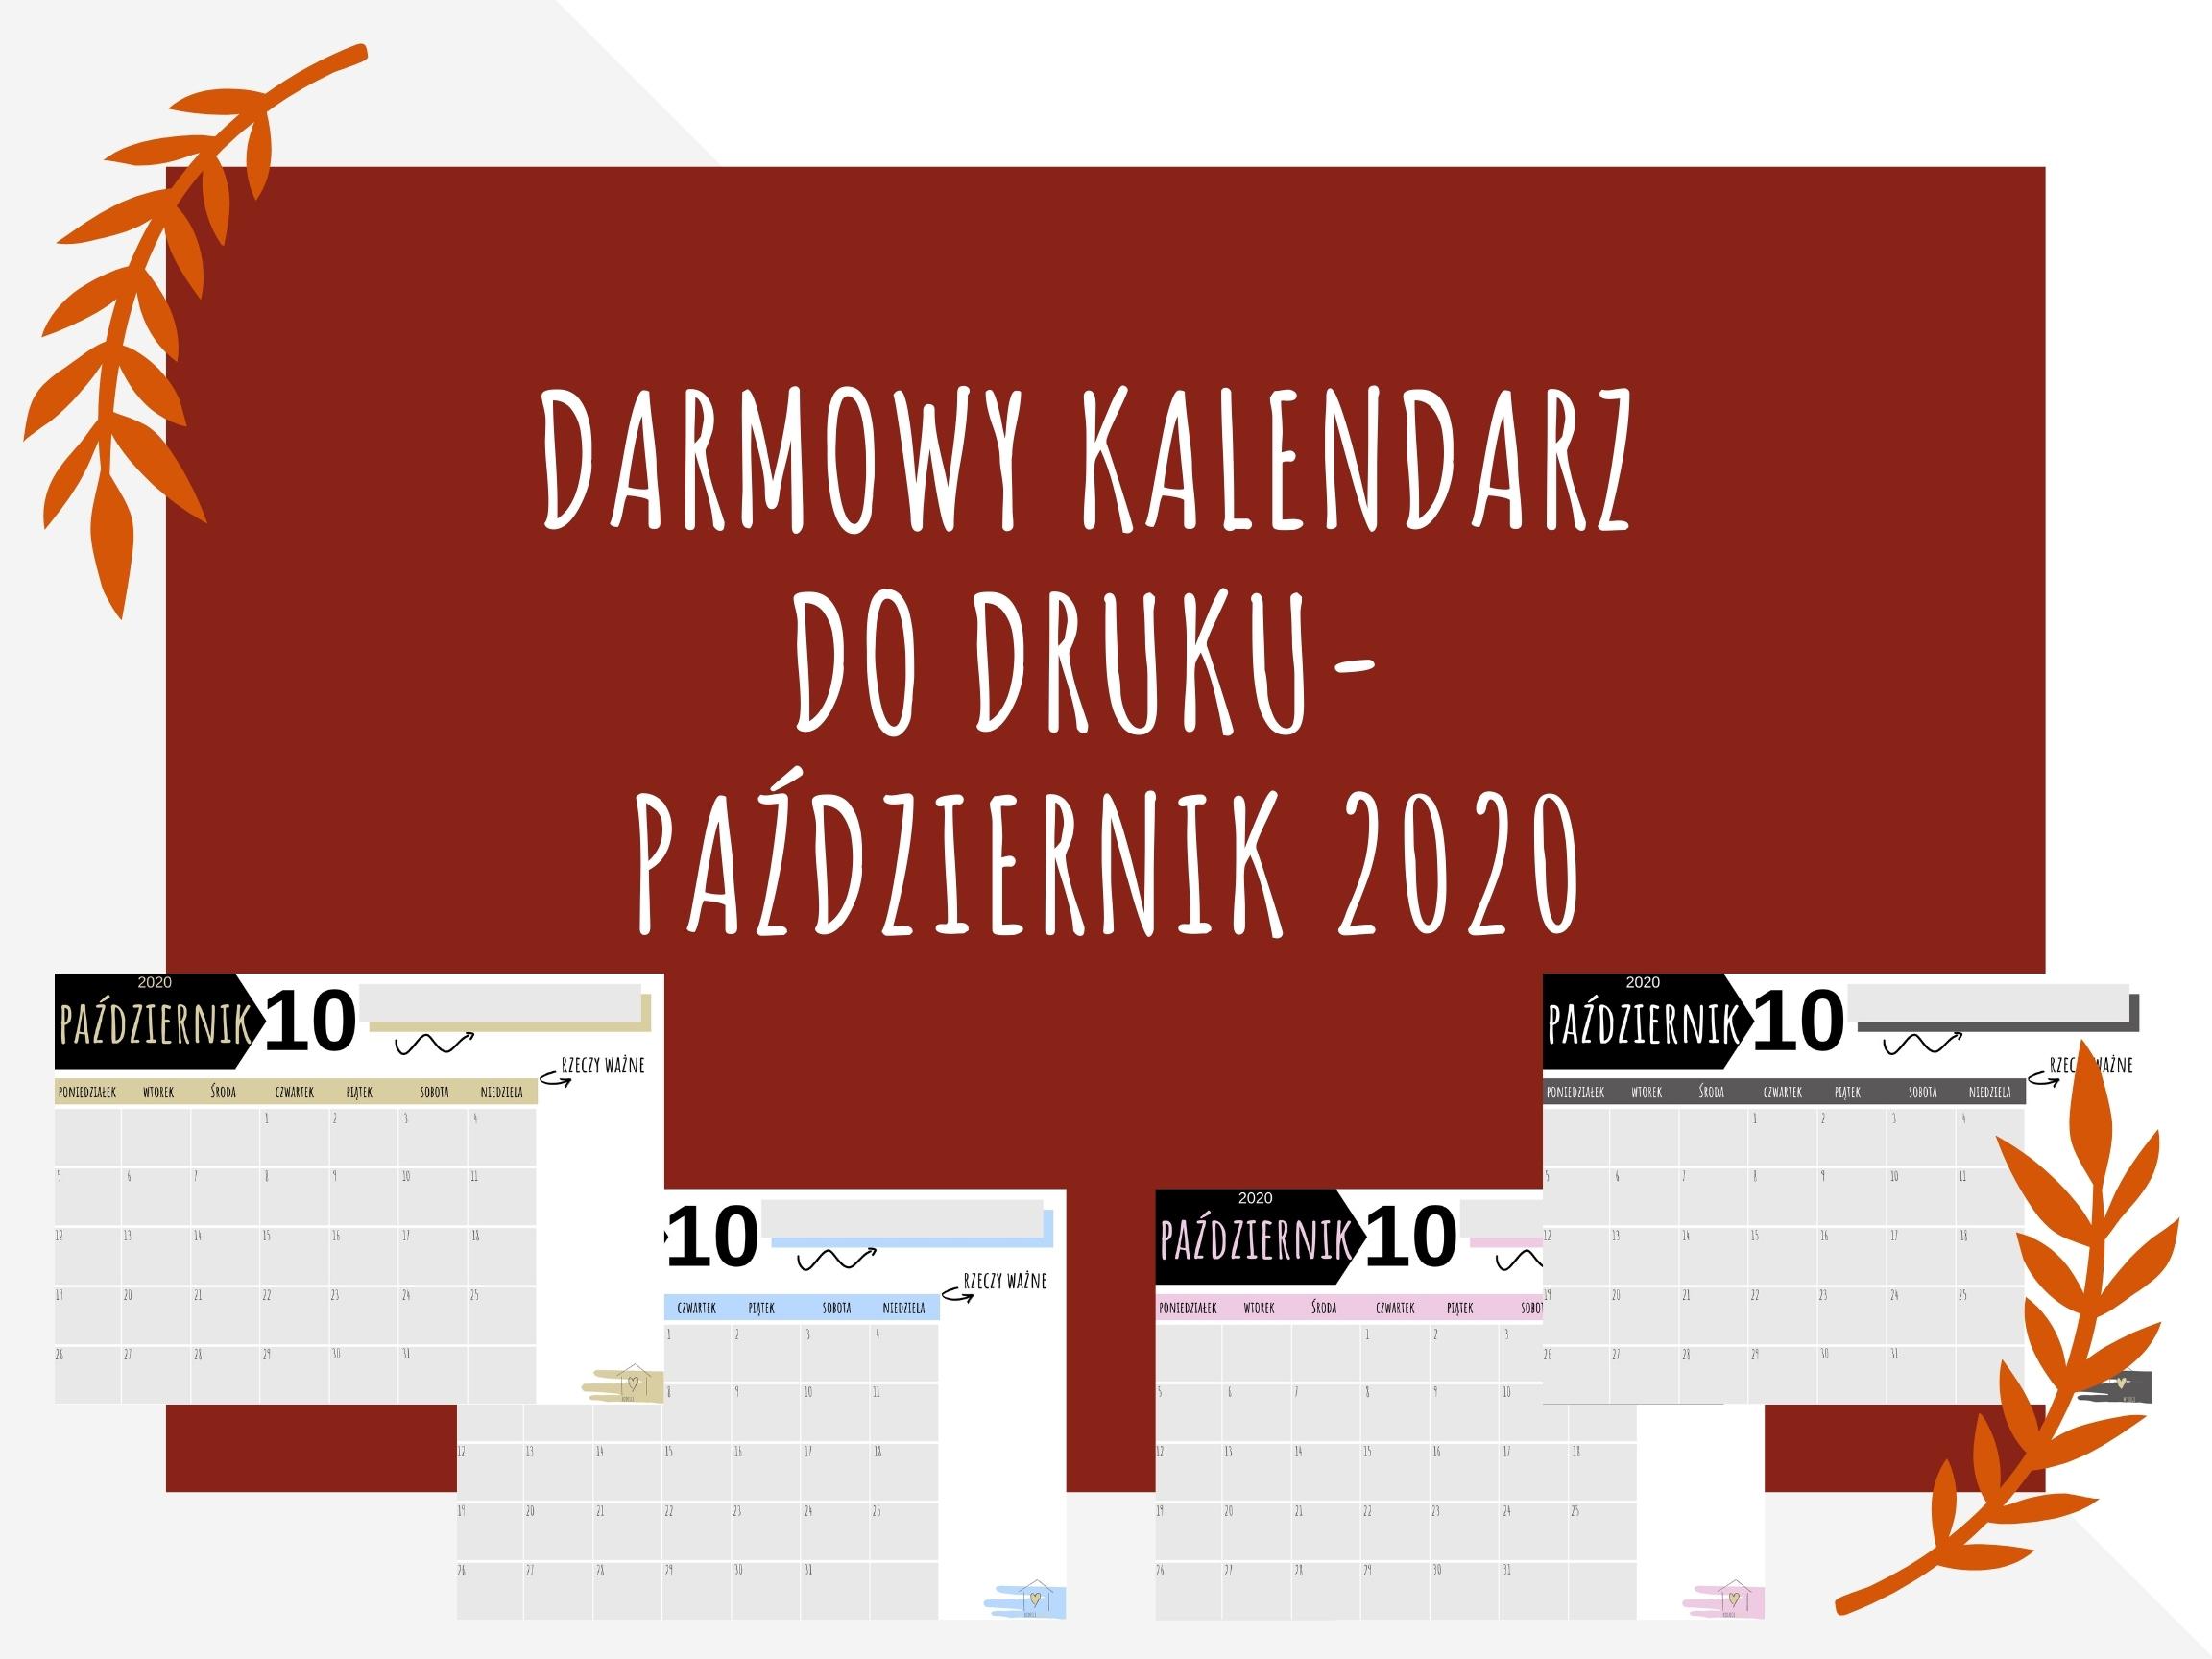 Darmowy kalendarz do druku- Październik 2020